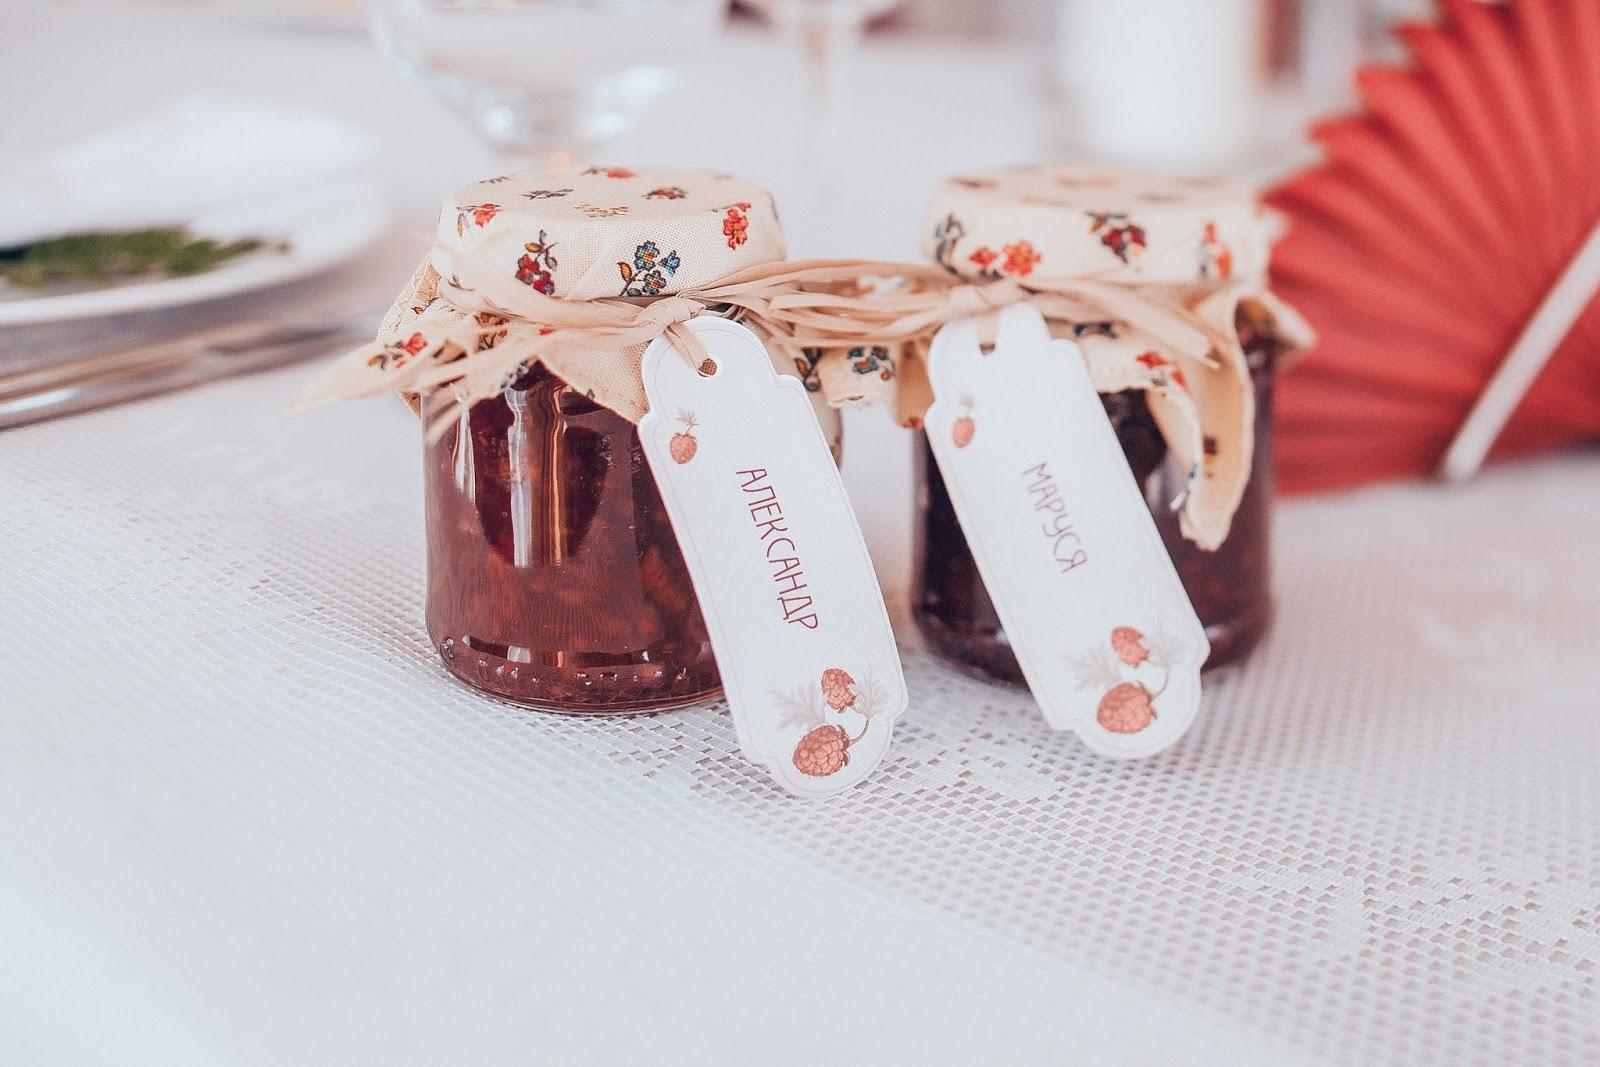 баночки с вареньем как подарки для гостей